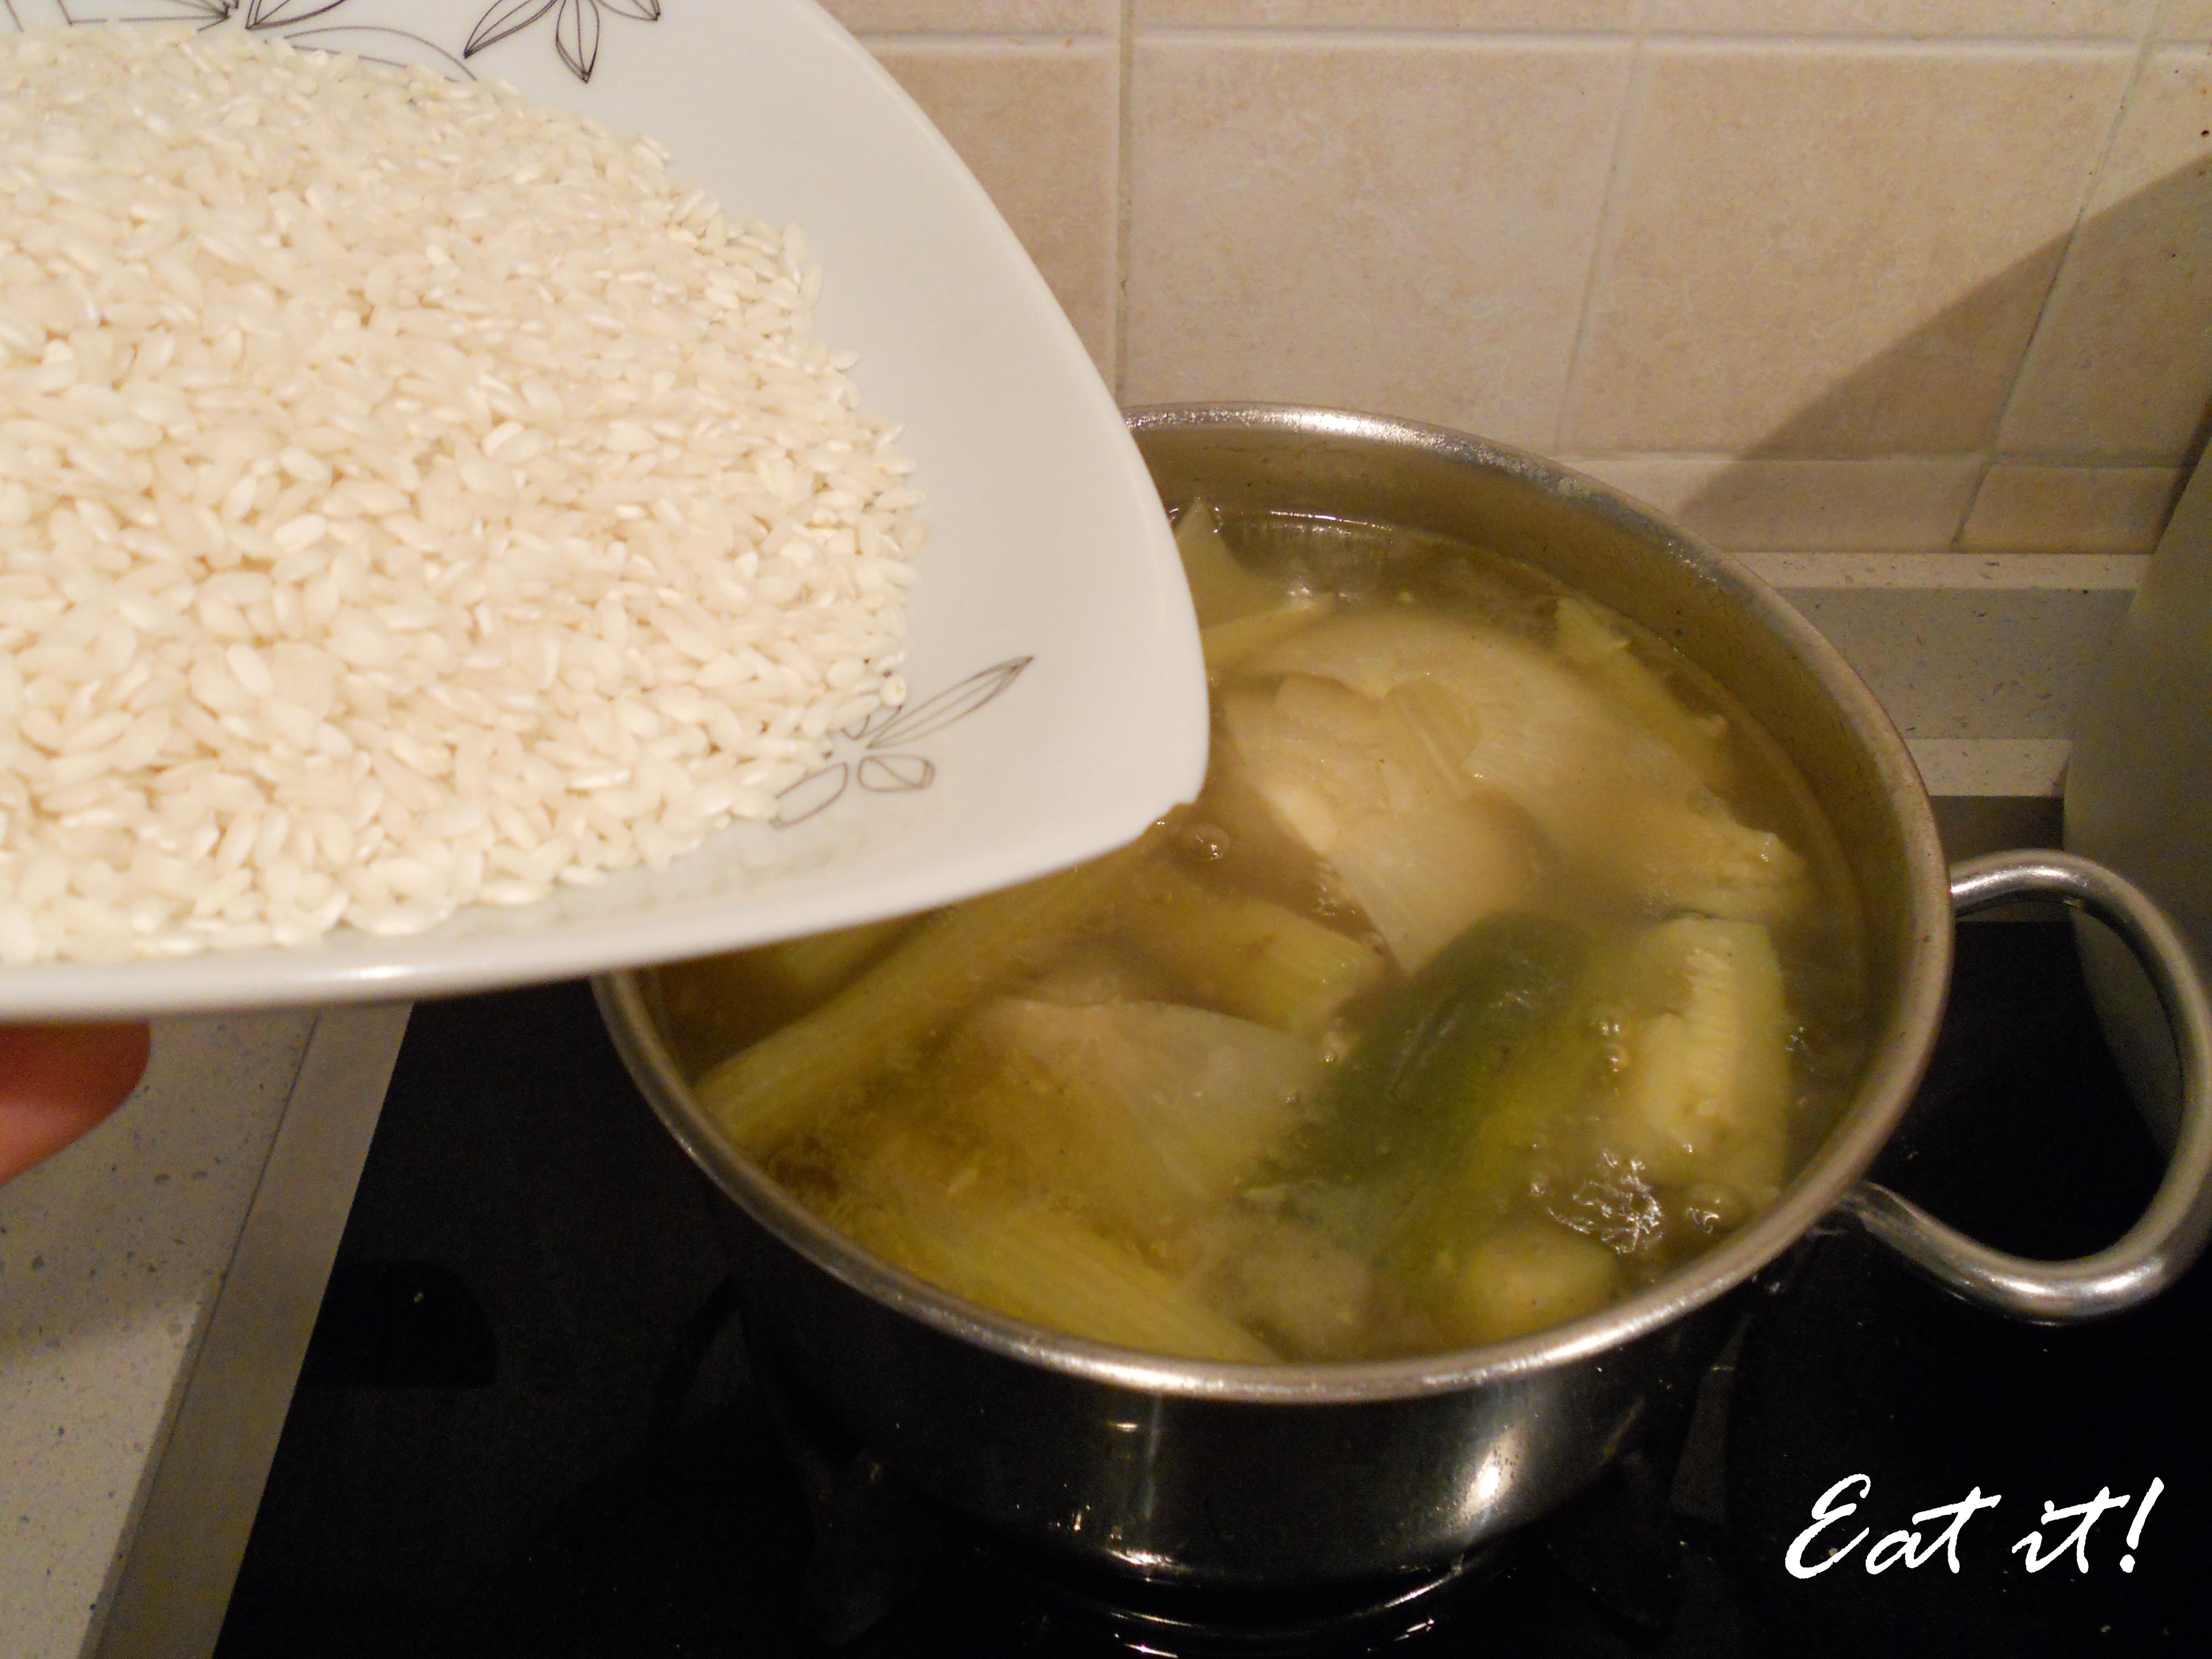 Calamari in crema di risotto - Aggiungo il riso al brodo